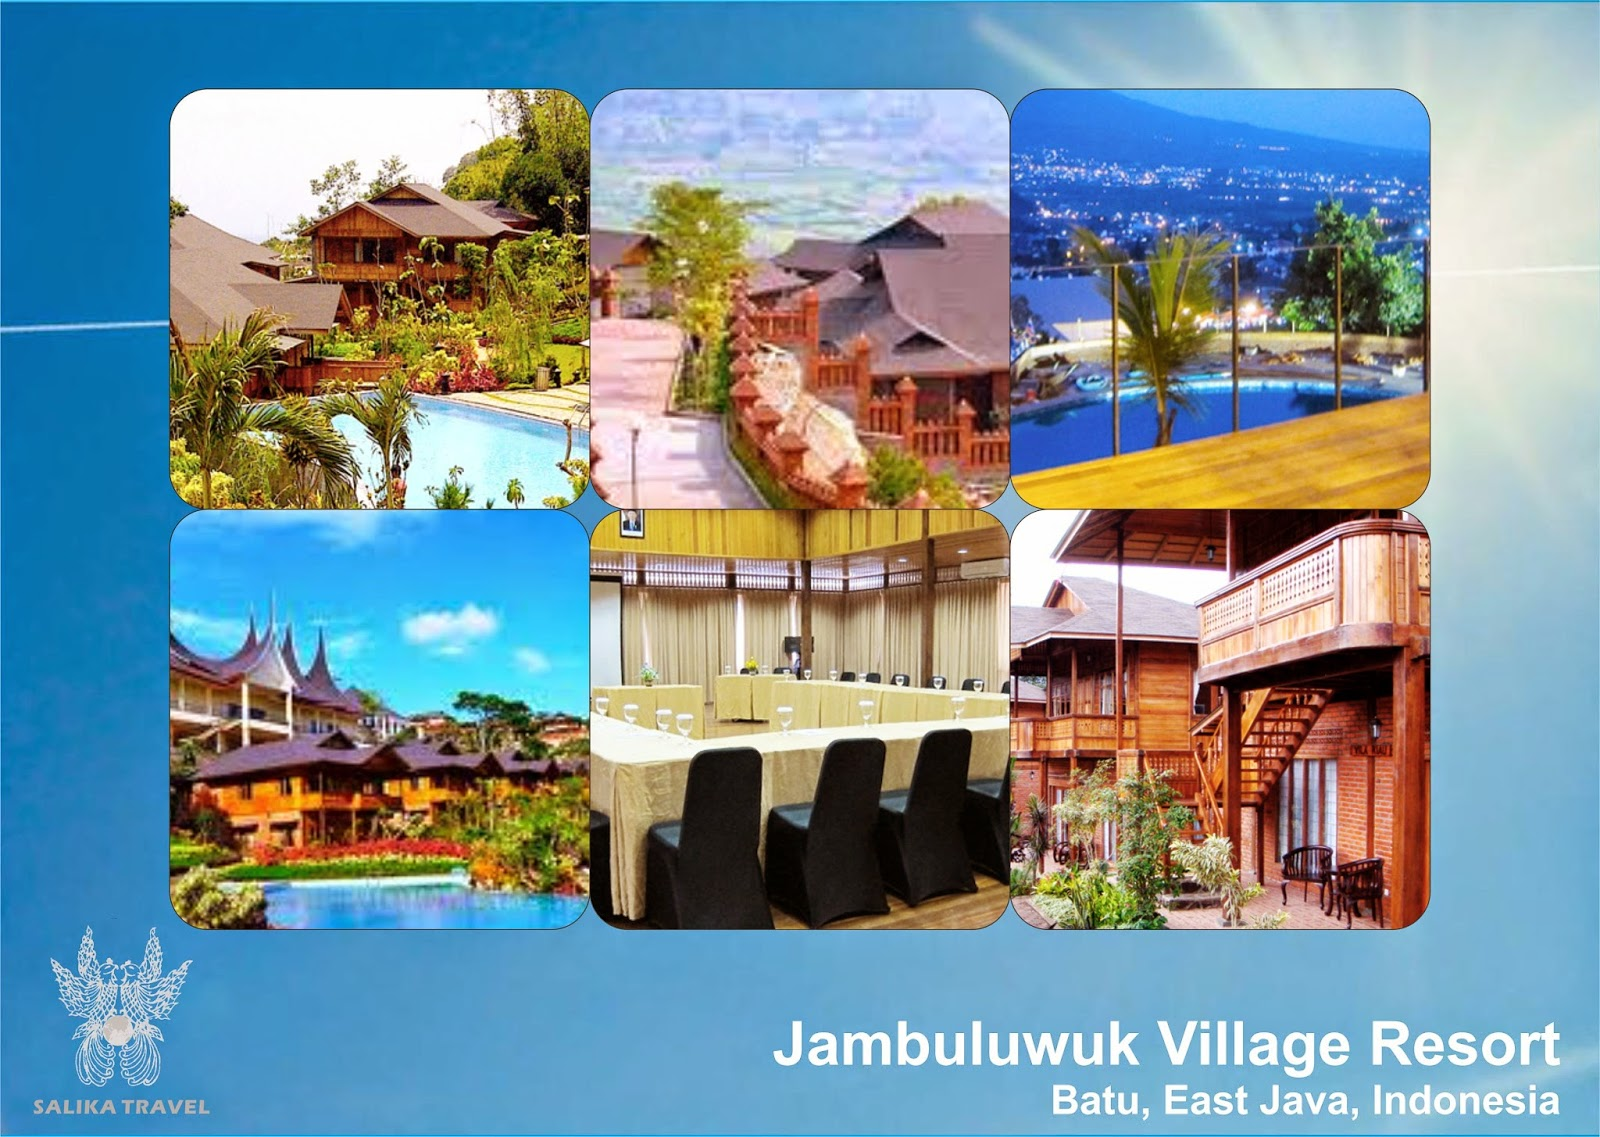 Jambuluwuk Batu Village Resort - Salika Travel